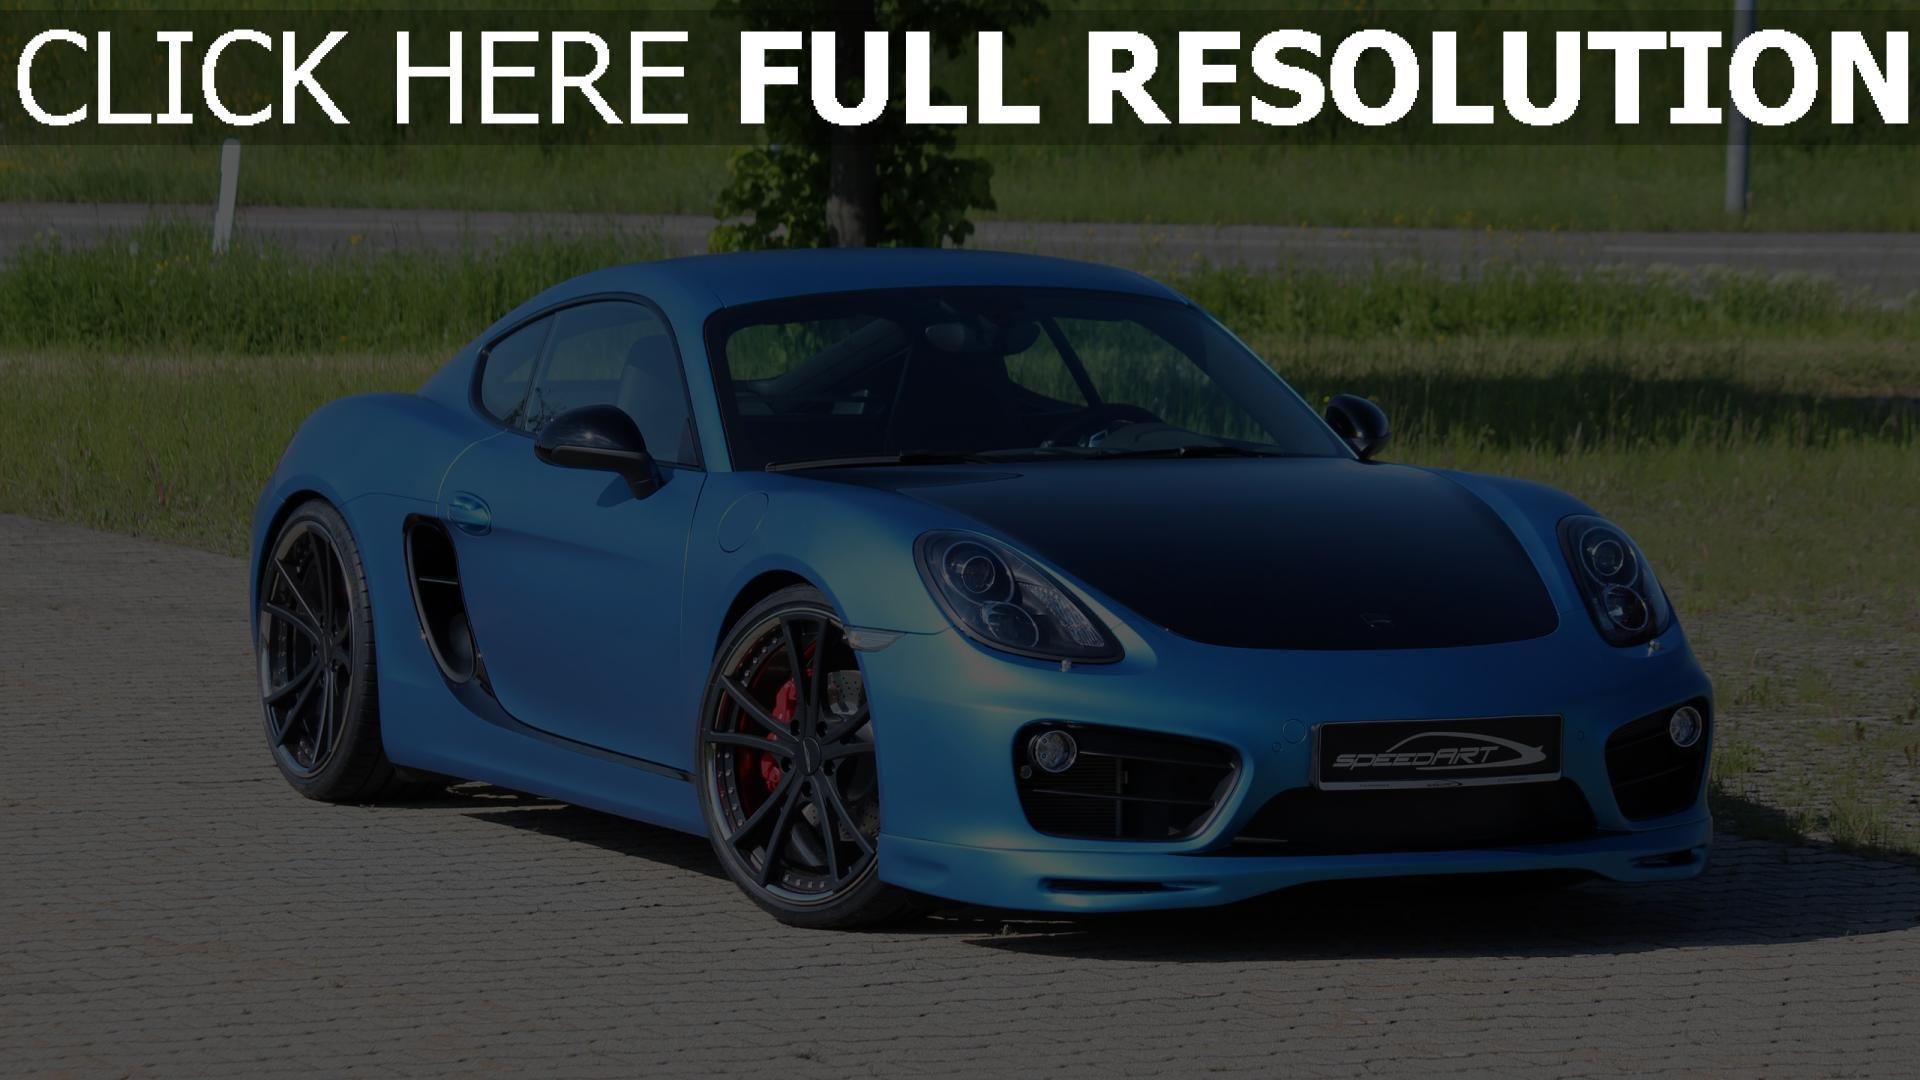 Herunterladen 1920x1080 Full Hd Hintergrundbilder Porsche